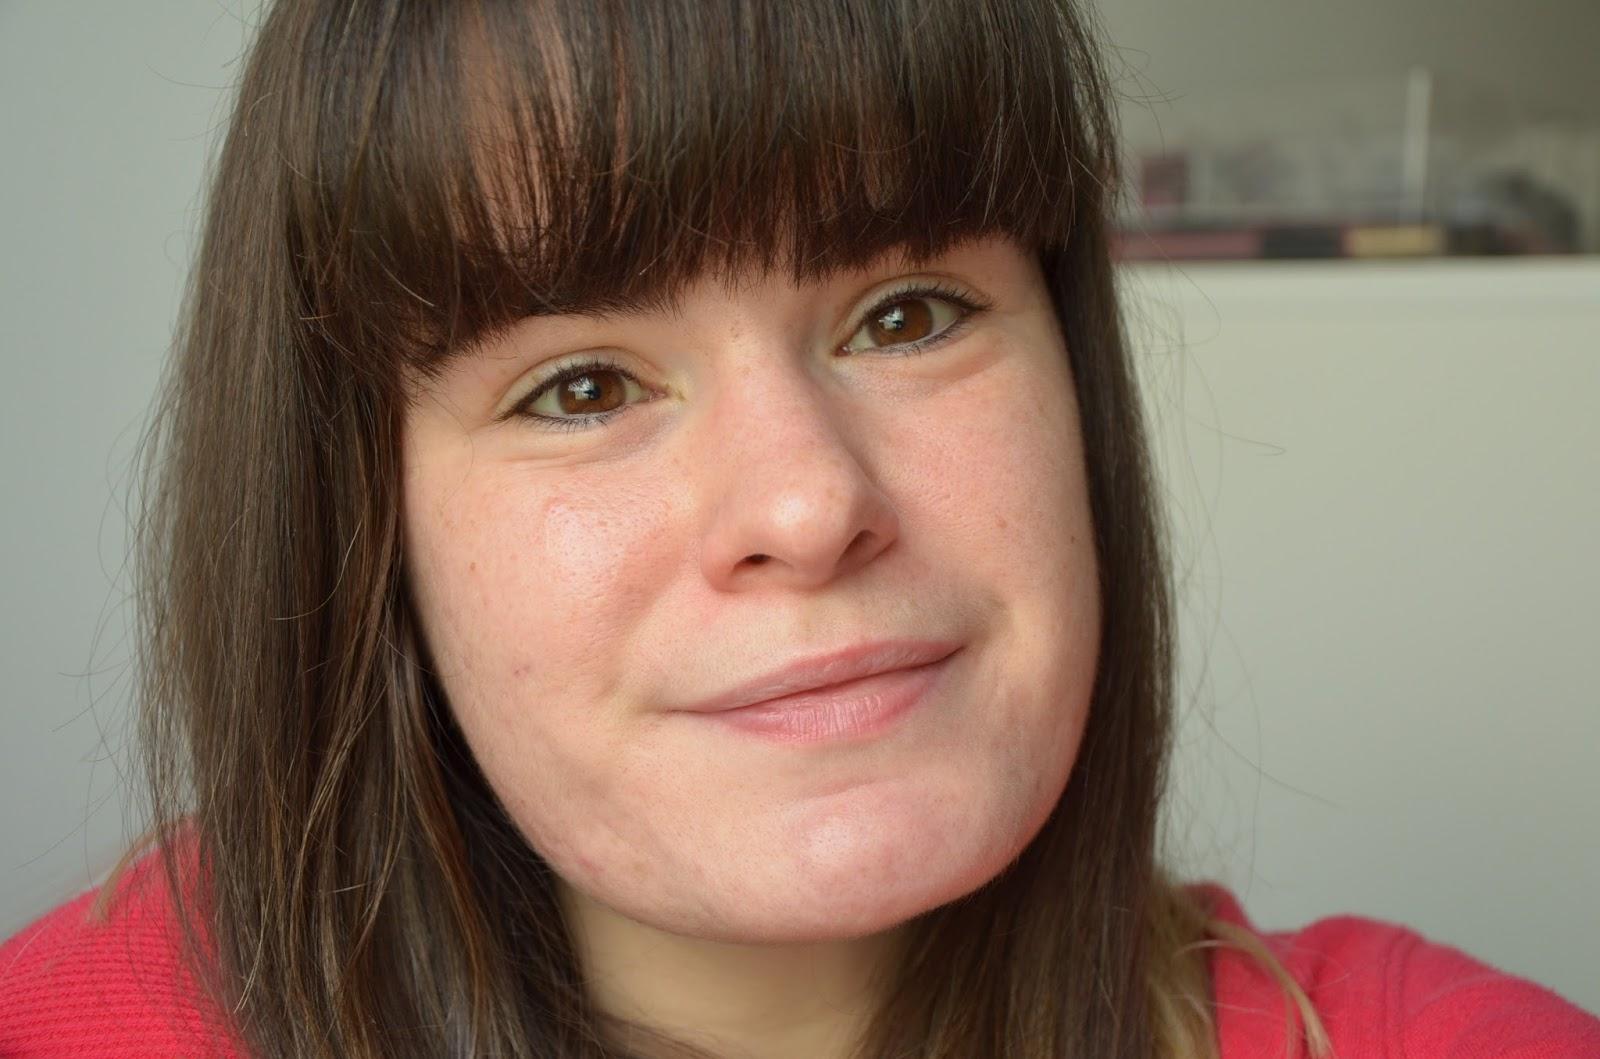 bilan 1 an de traitement contre l'acné